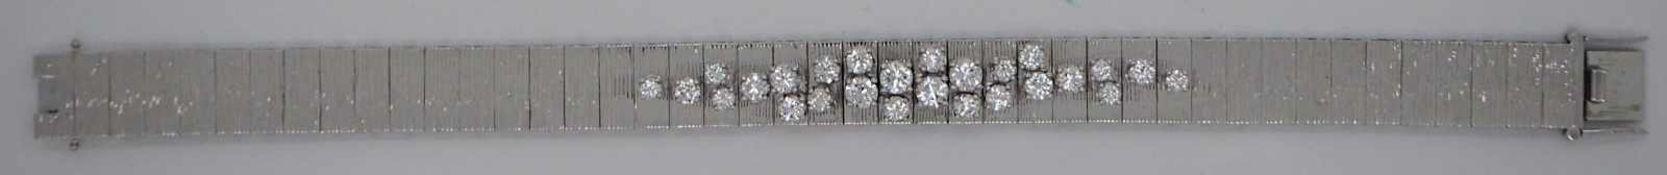 1 Damenarmband WG 18ct., Brill.L ca. 16,3cm, mit Zusatzstück zum Verlängern, mit Zer